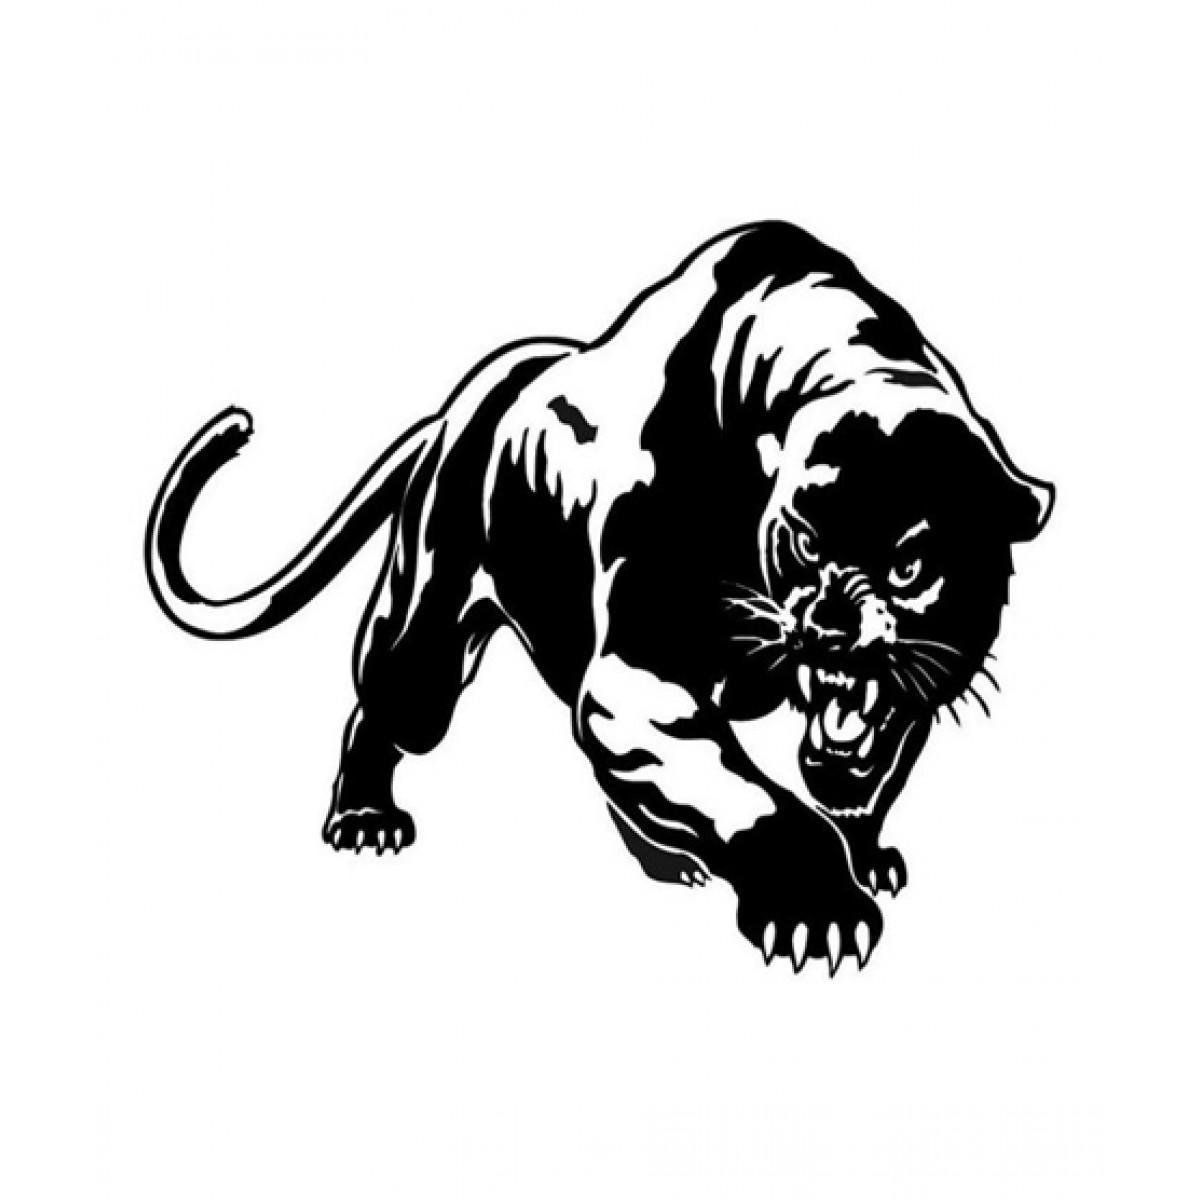 Wish hub panther hunting car sticker price in pakistan buy wish hub wild panther car sticker ishopping pk